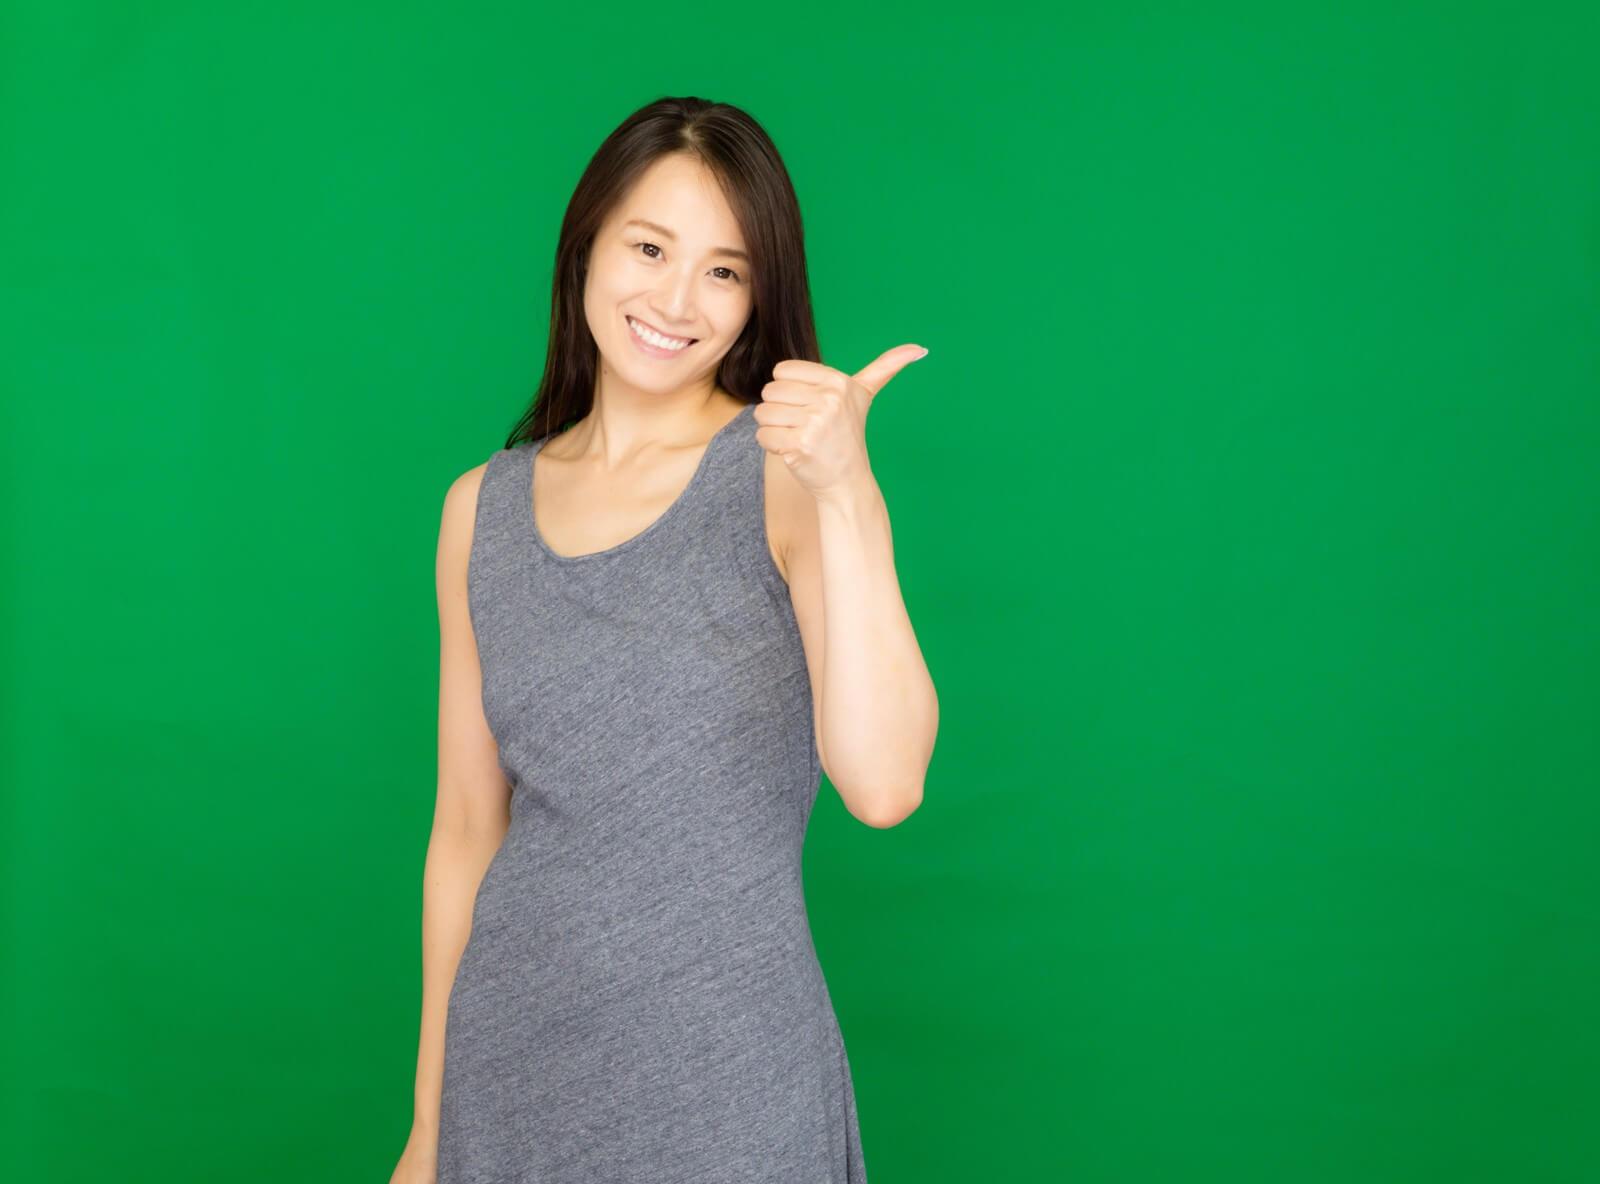 【おすすめサウナ】サウナしきじ: サウナの聖地は静岡にあり!